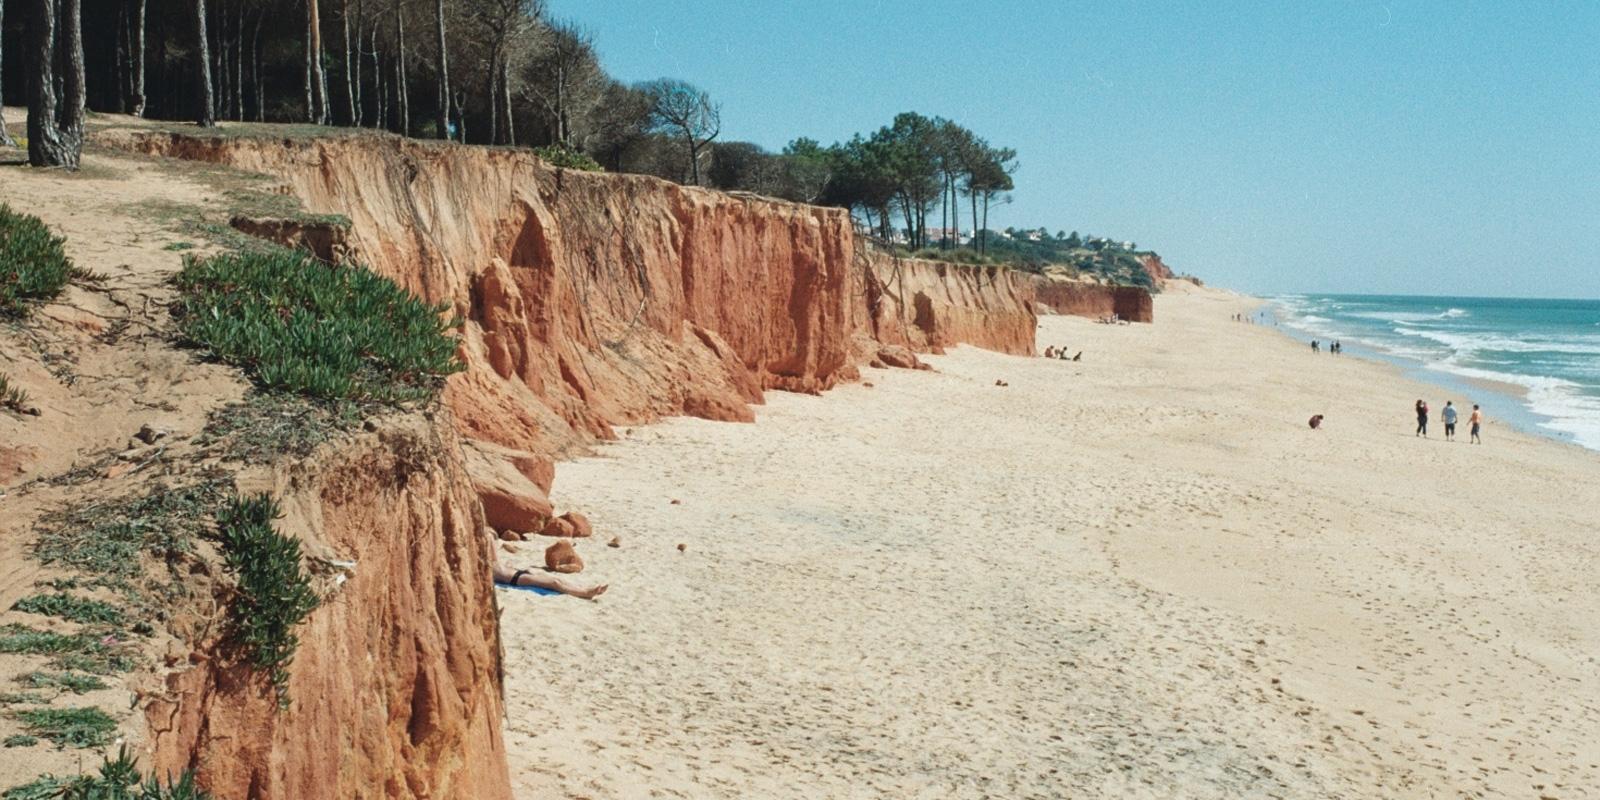 Praia do Trafal